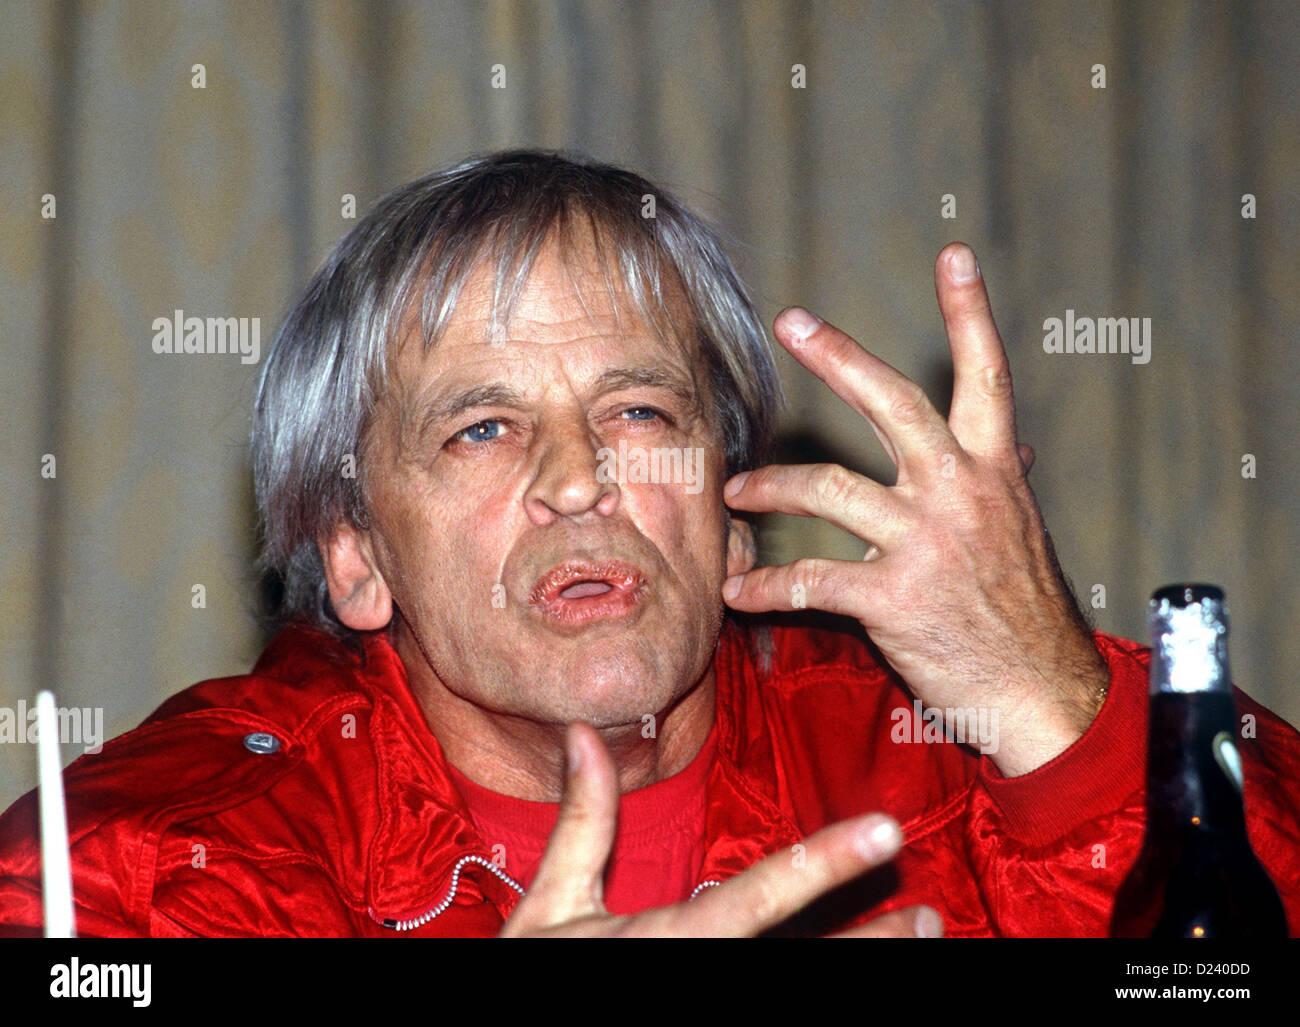 """(Dpa file) - attore tedesco Klaus Kinski parla del suo film """"Kommando Leopard' ('Commando Leopard"""", 1985) nel corso di una conferenza stampa a Amburgo, 22 ottobre 1985. Un'enfant terrible"""" dell'industria cinematografica, i suoi film includono 'Aguirre, der Zorn Gottes' ('Aguirre: l'ira di Dio"""") e 'Nosferatu: Phantom der Nacht' ('Nosferatu il vampiro""""). Kinski è nato il 18 ottobre 1926 a Danzica, Germania (ora Danzica, Polonia) sotto il nome di Nikolaus Guenther Nakszynski e morì il 23 novembre 1991 in Lagunitas, California, di un attacco di cuore. Foto Stock"""